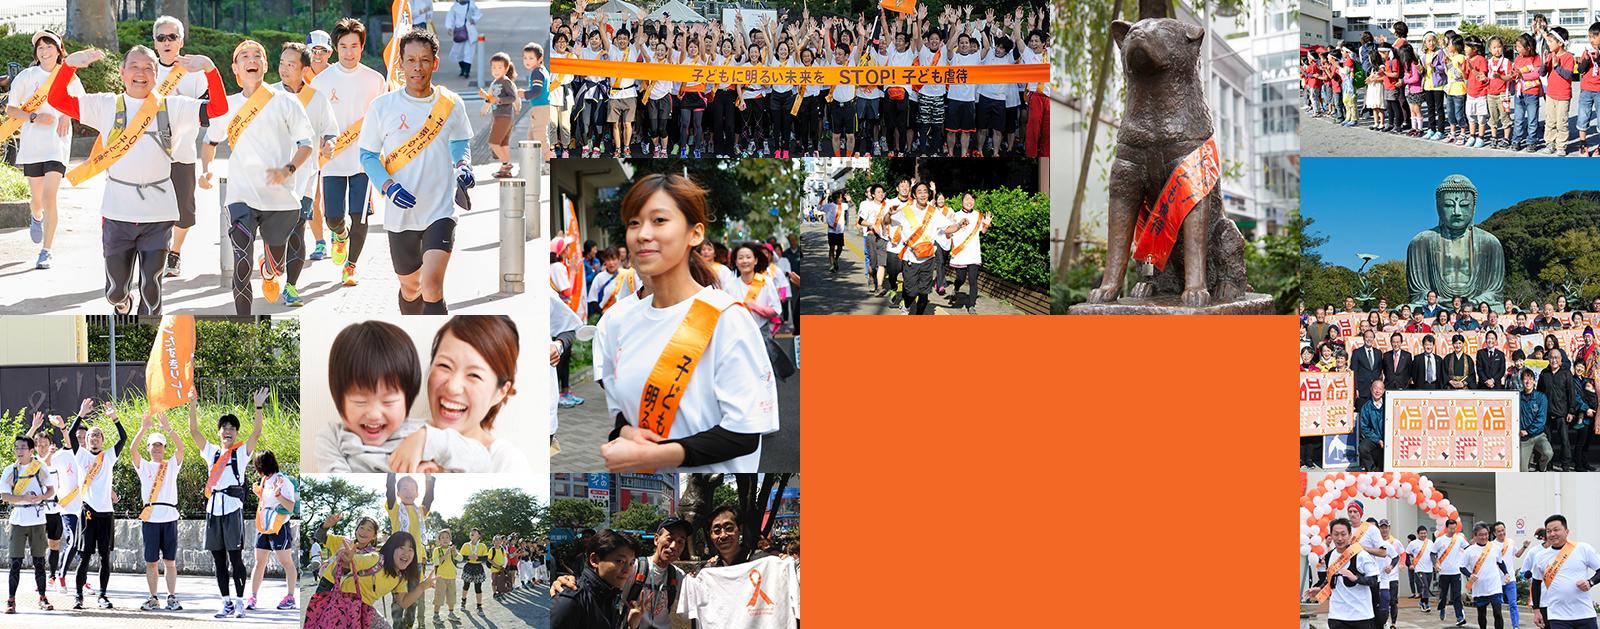 オレンジリボンたすきリレー全国ネットワーク名メイン画像